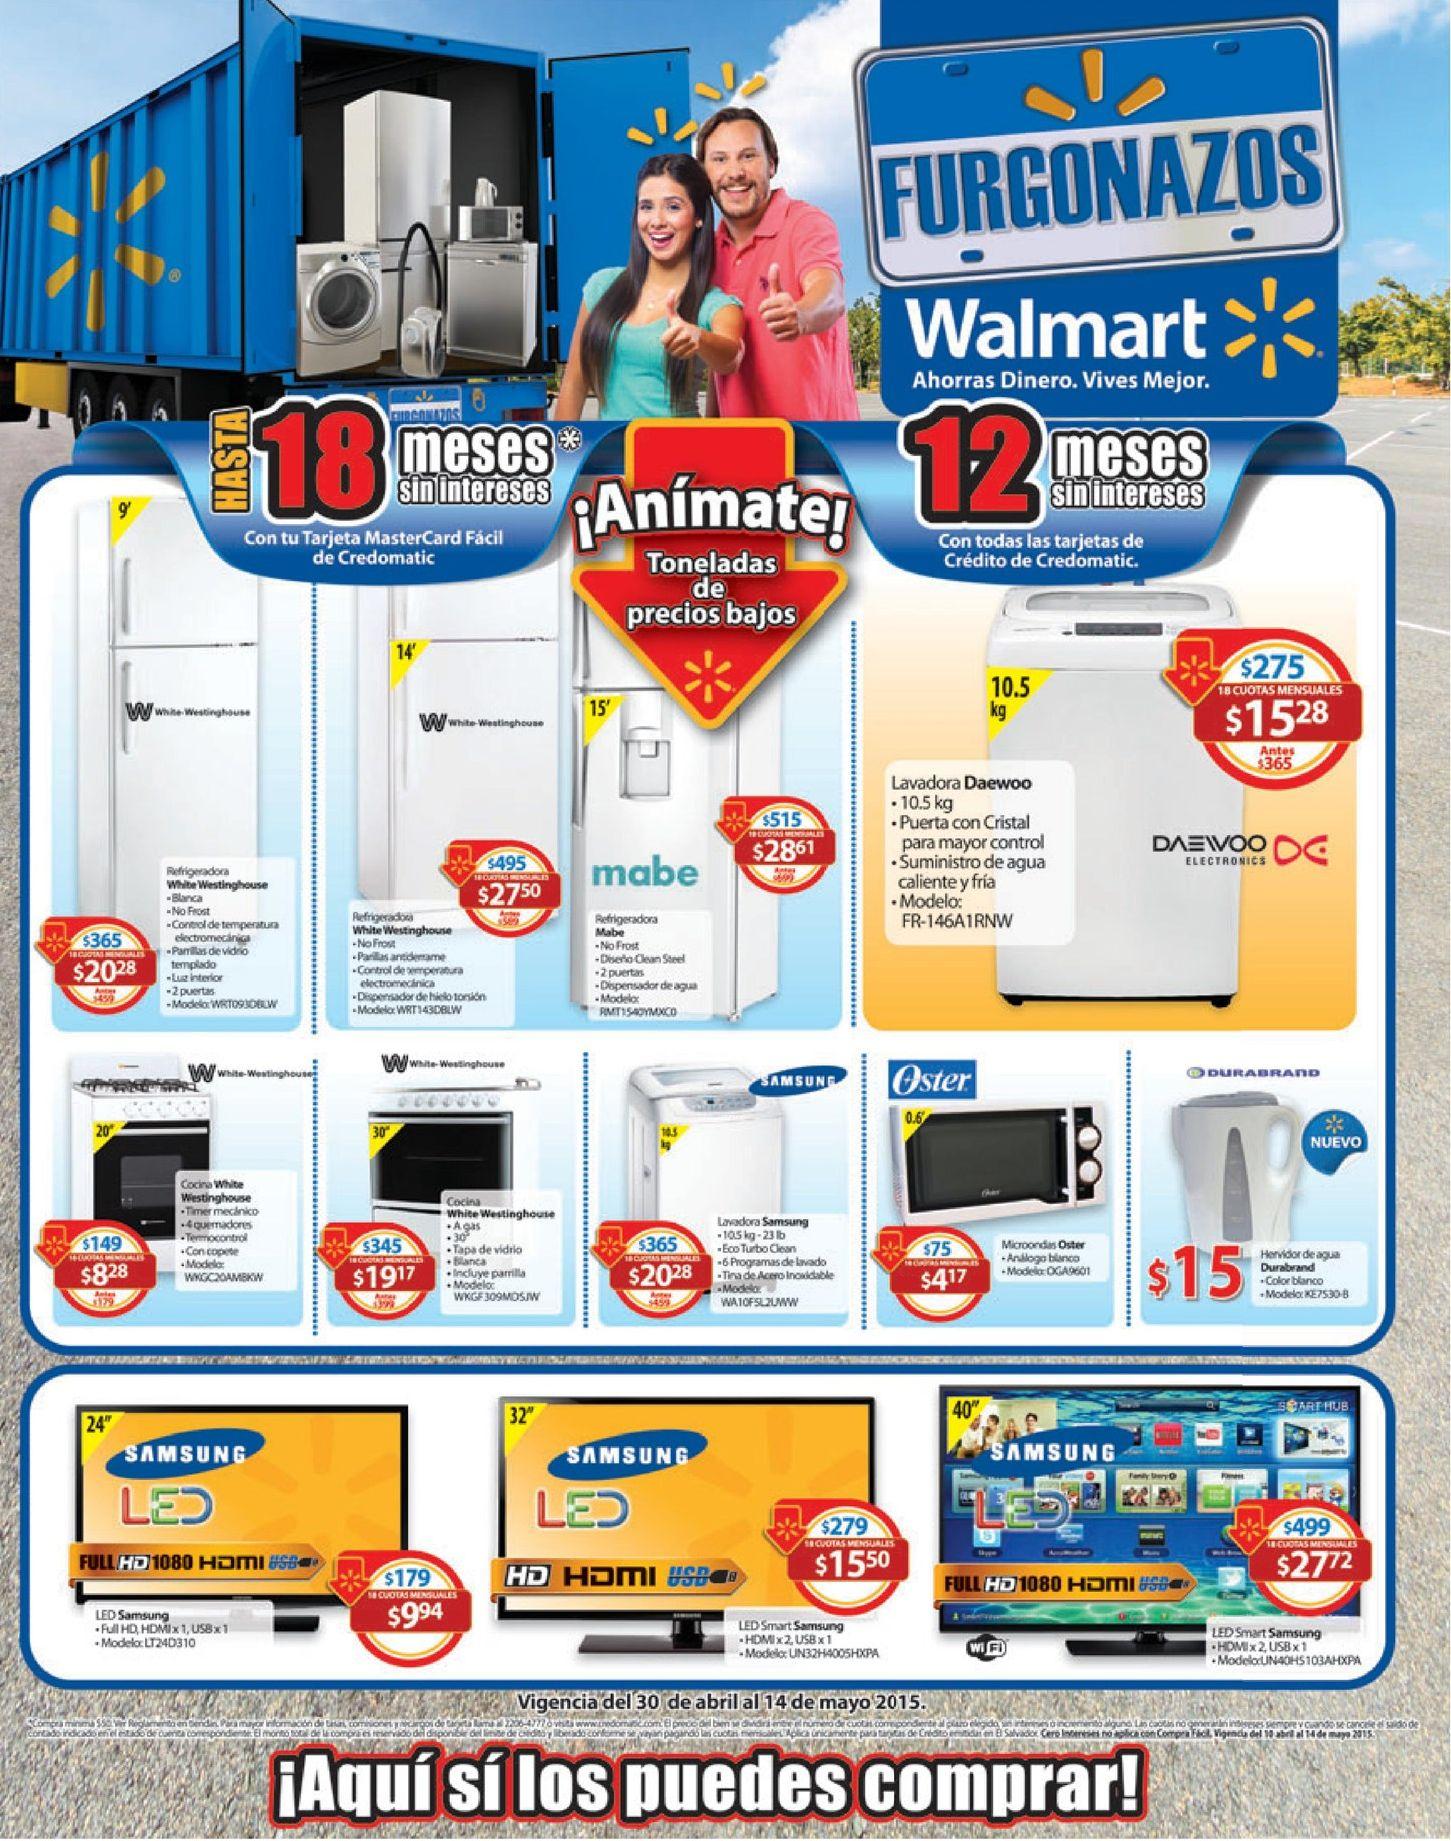 Electrodomesticos REBAJADOS con grandes descuentos en WALMART - 30abr15